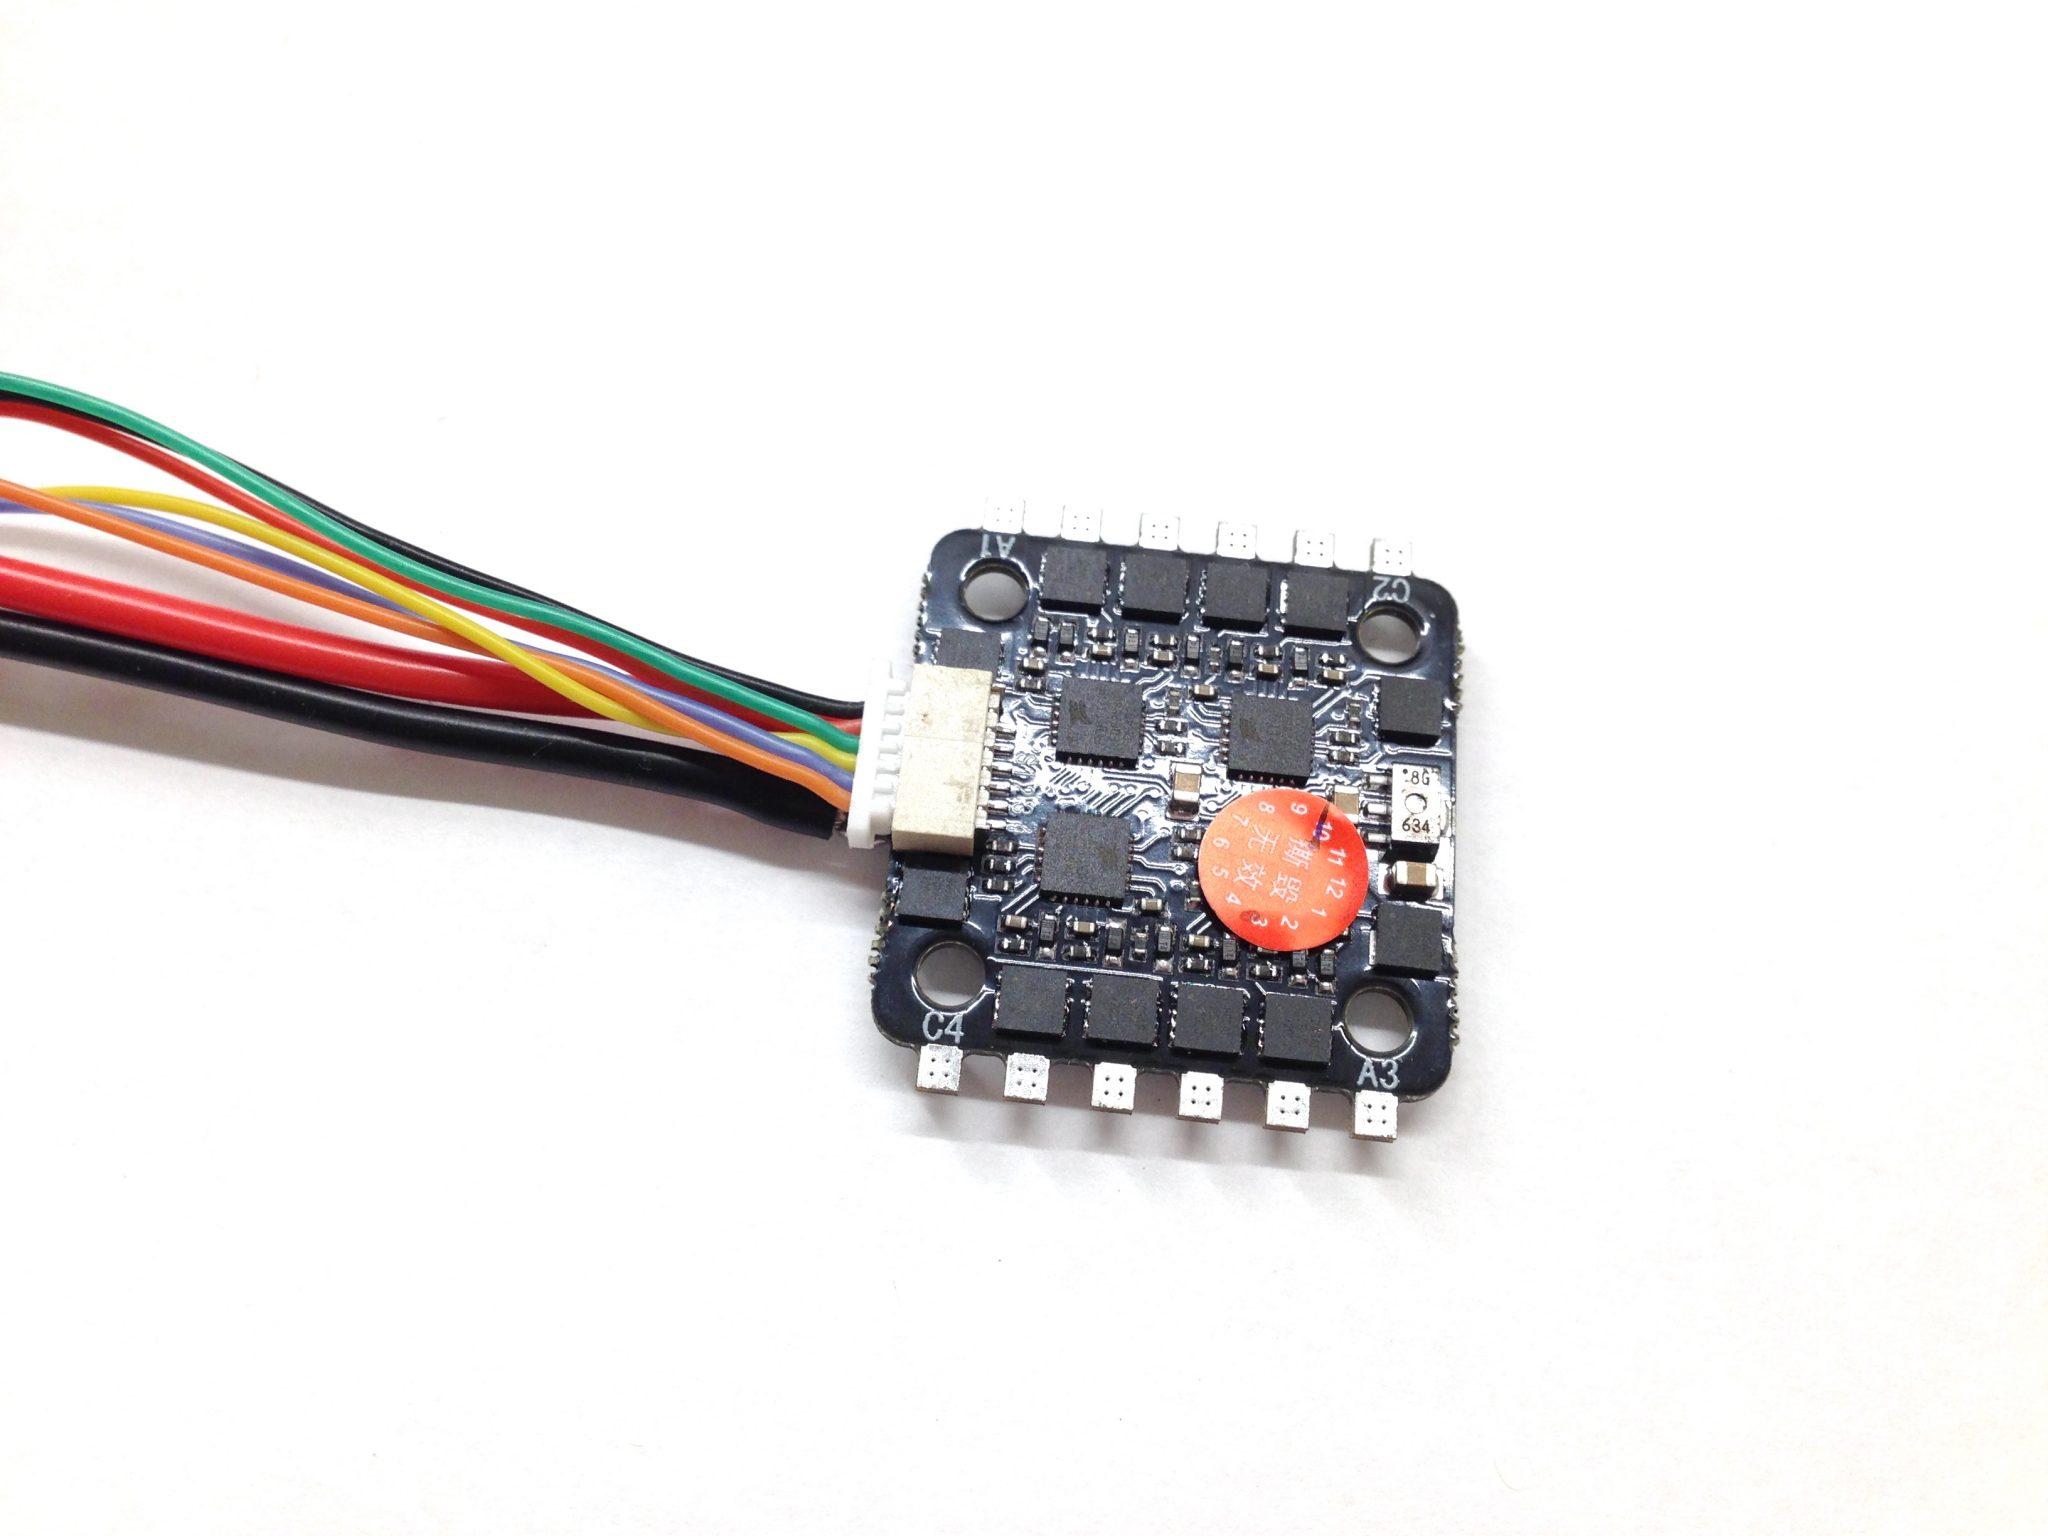 Sunrise Model Cicada BLHELI - S 4-in-1 10A Brushless ESC